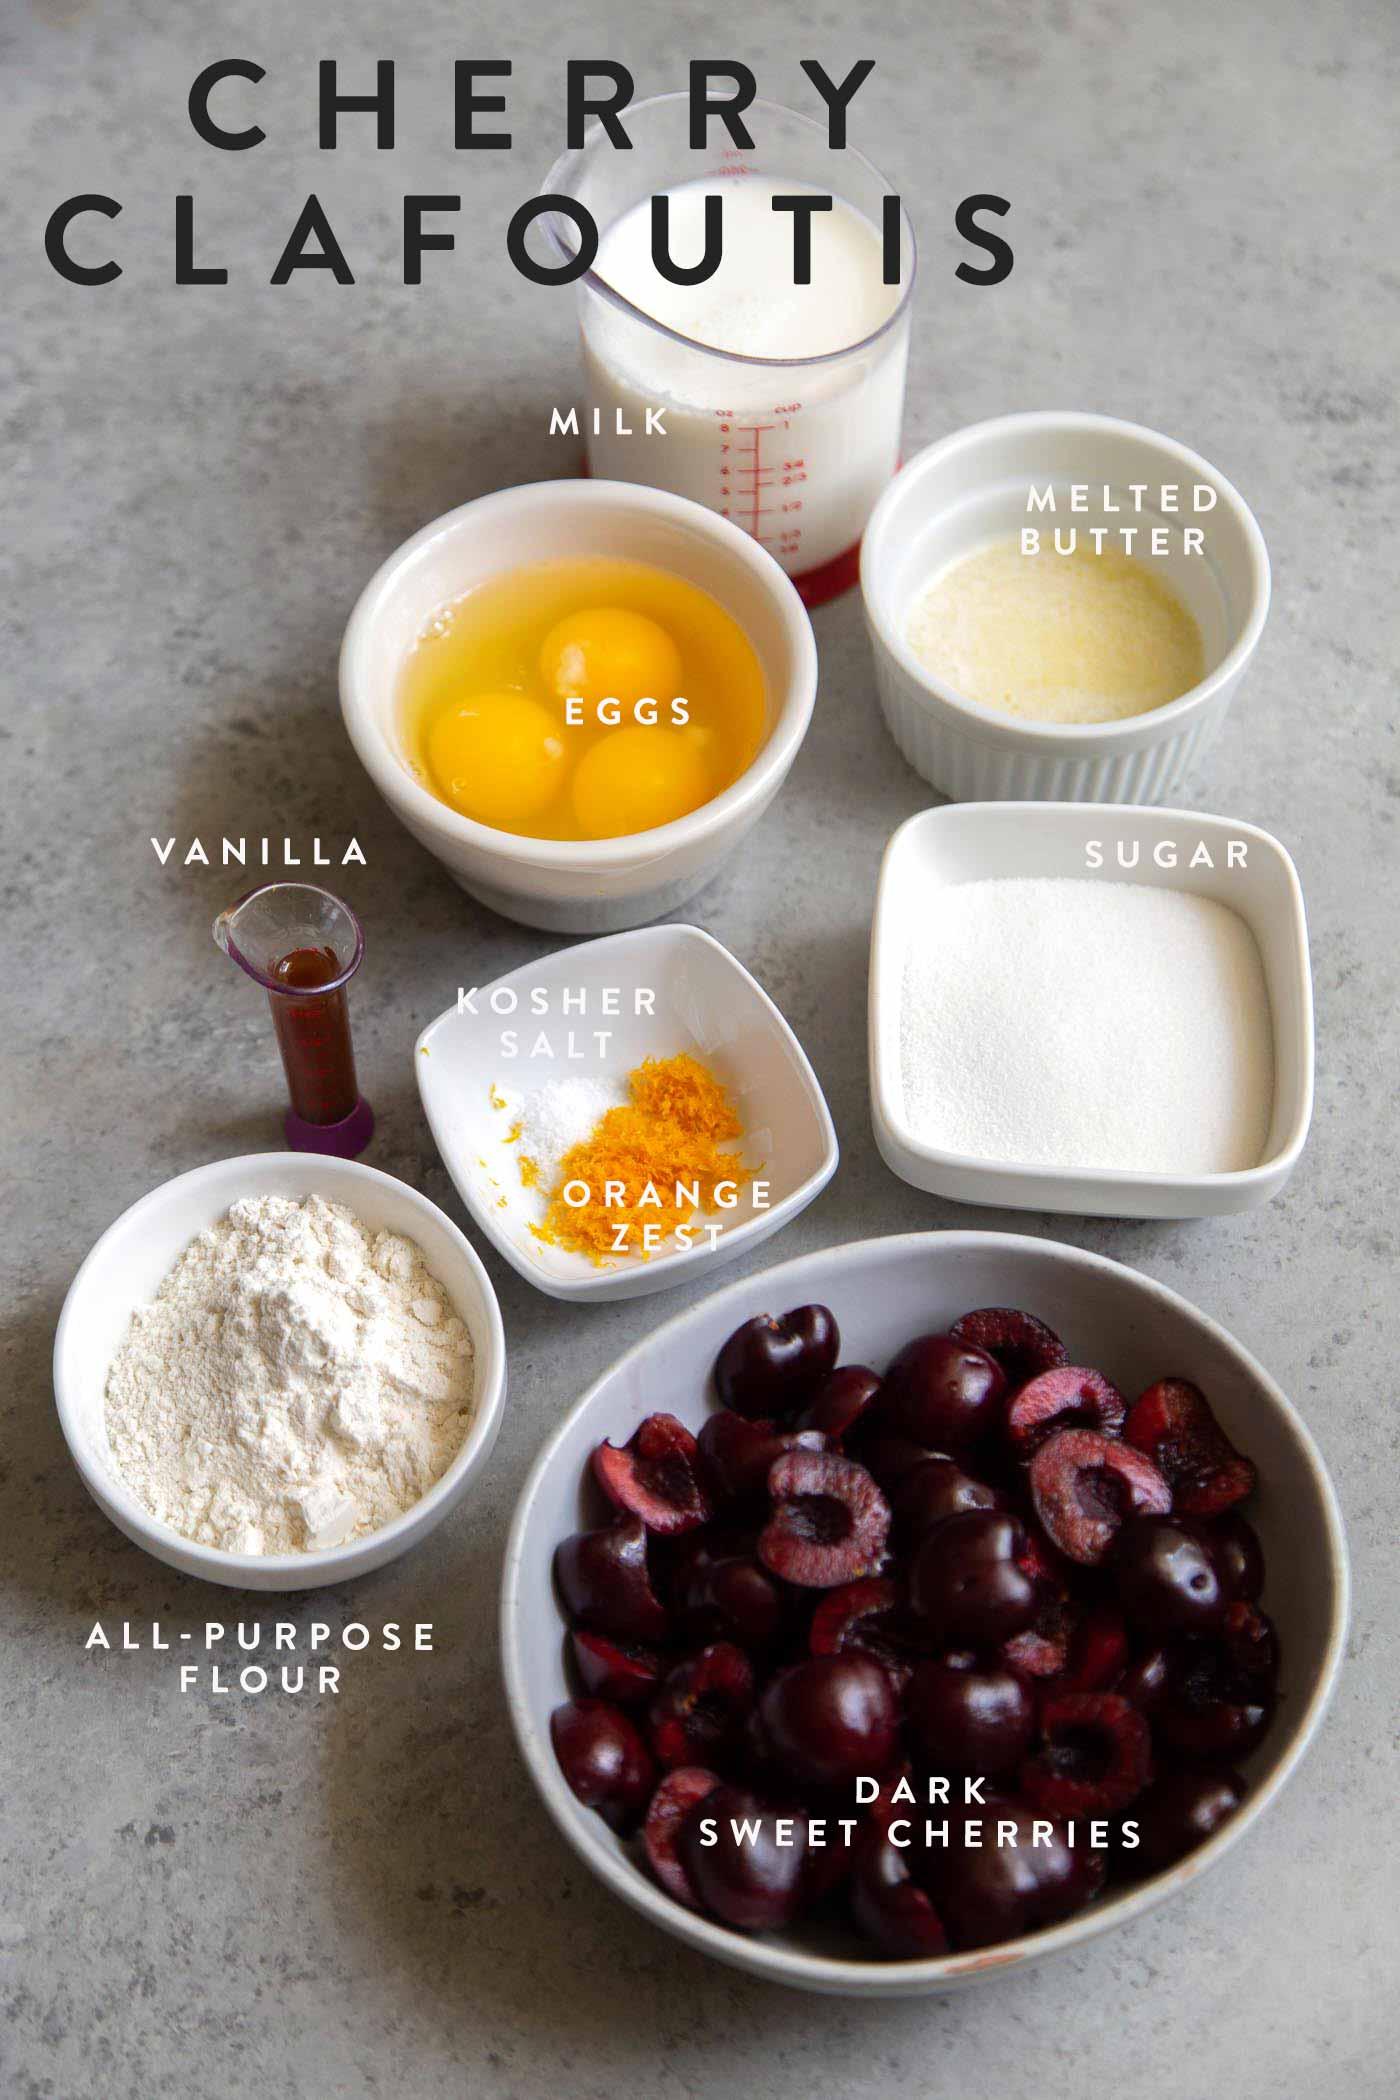 Cherry Clafoutis Ingredients